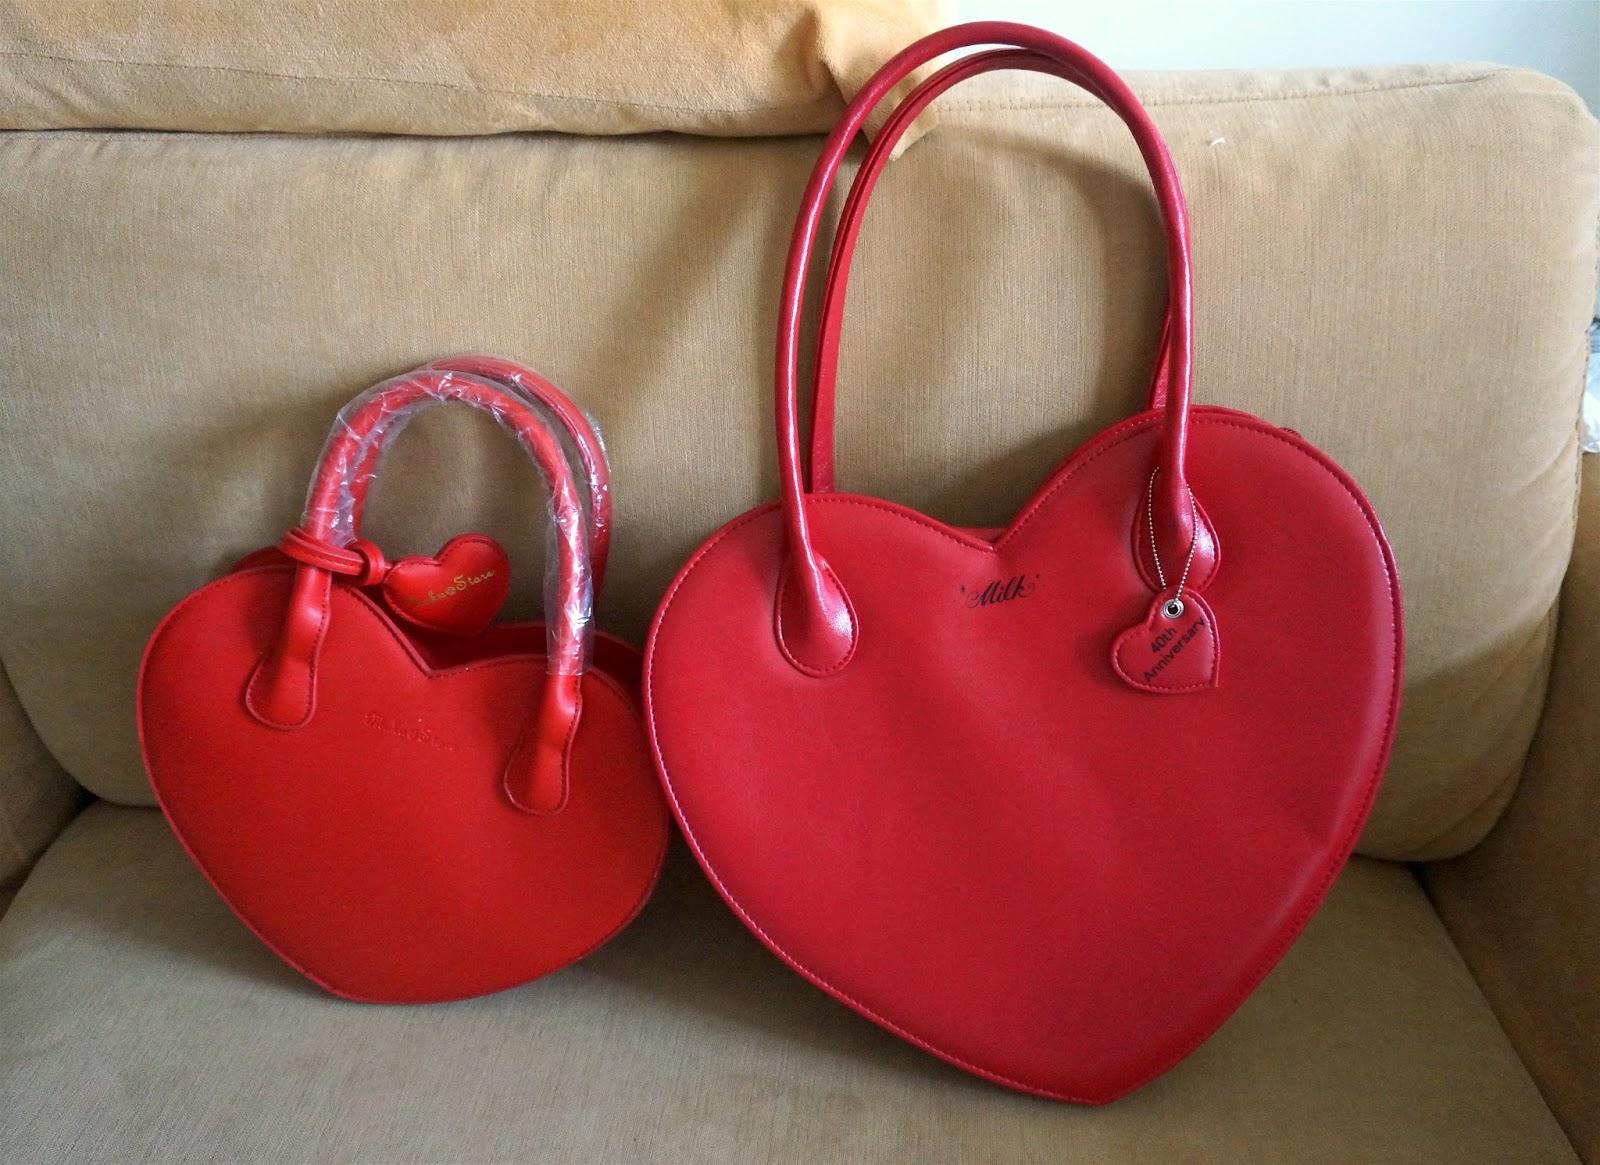 7b3a27c0dec74 Ciastkowa torebka z pomponikami pochodzi ze sklepu To Alice  https   shop64664734.world.taobao.com  . Jest to sklep który sprzedaje  kawaii rzeczy wykonane wg ...